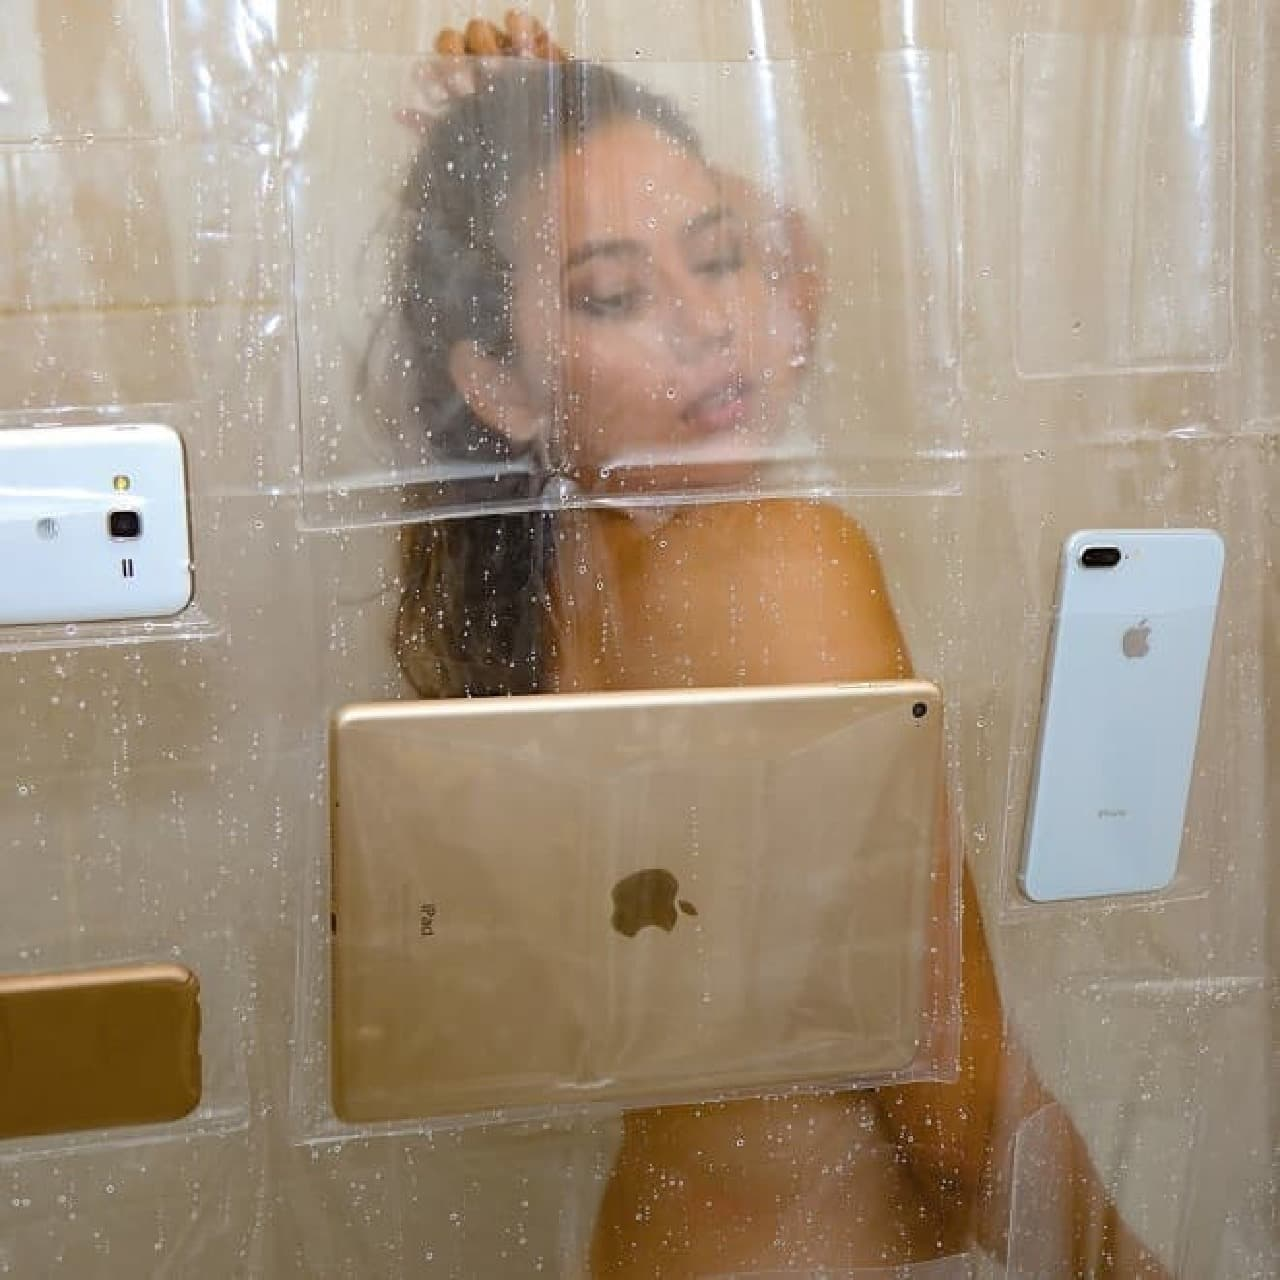 スマートフォンやタブレットを保持できるシャワーカーテン「iPad Mount Clear Shower Curtain」